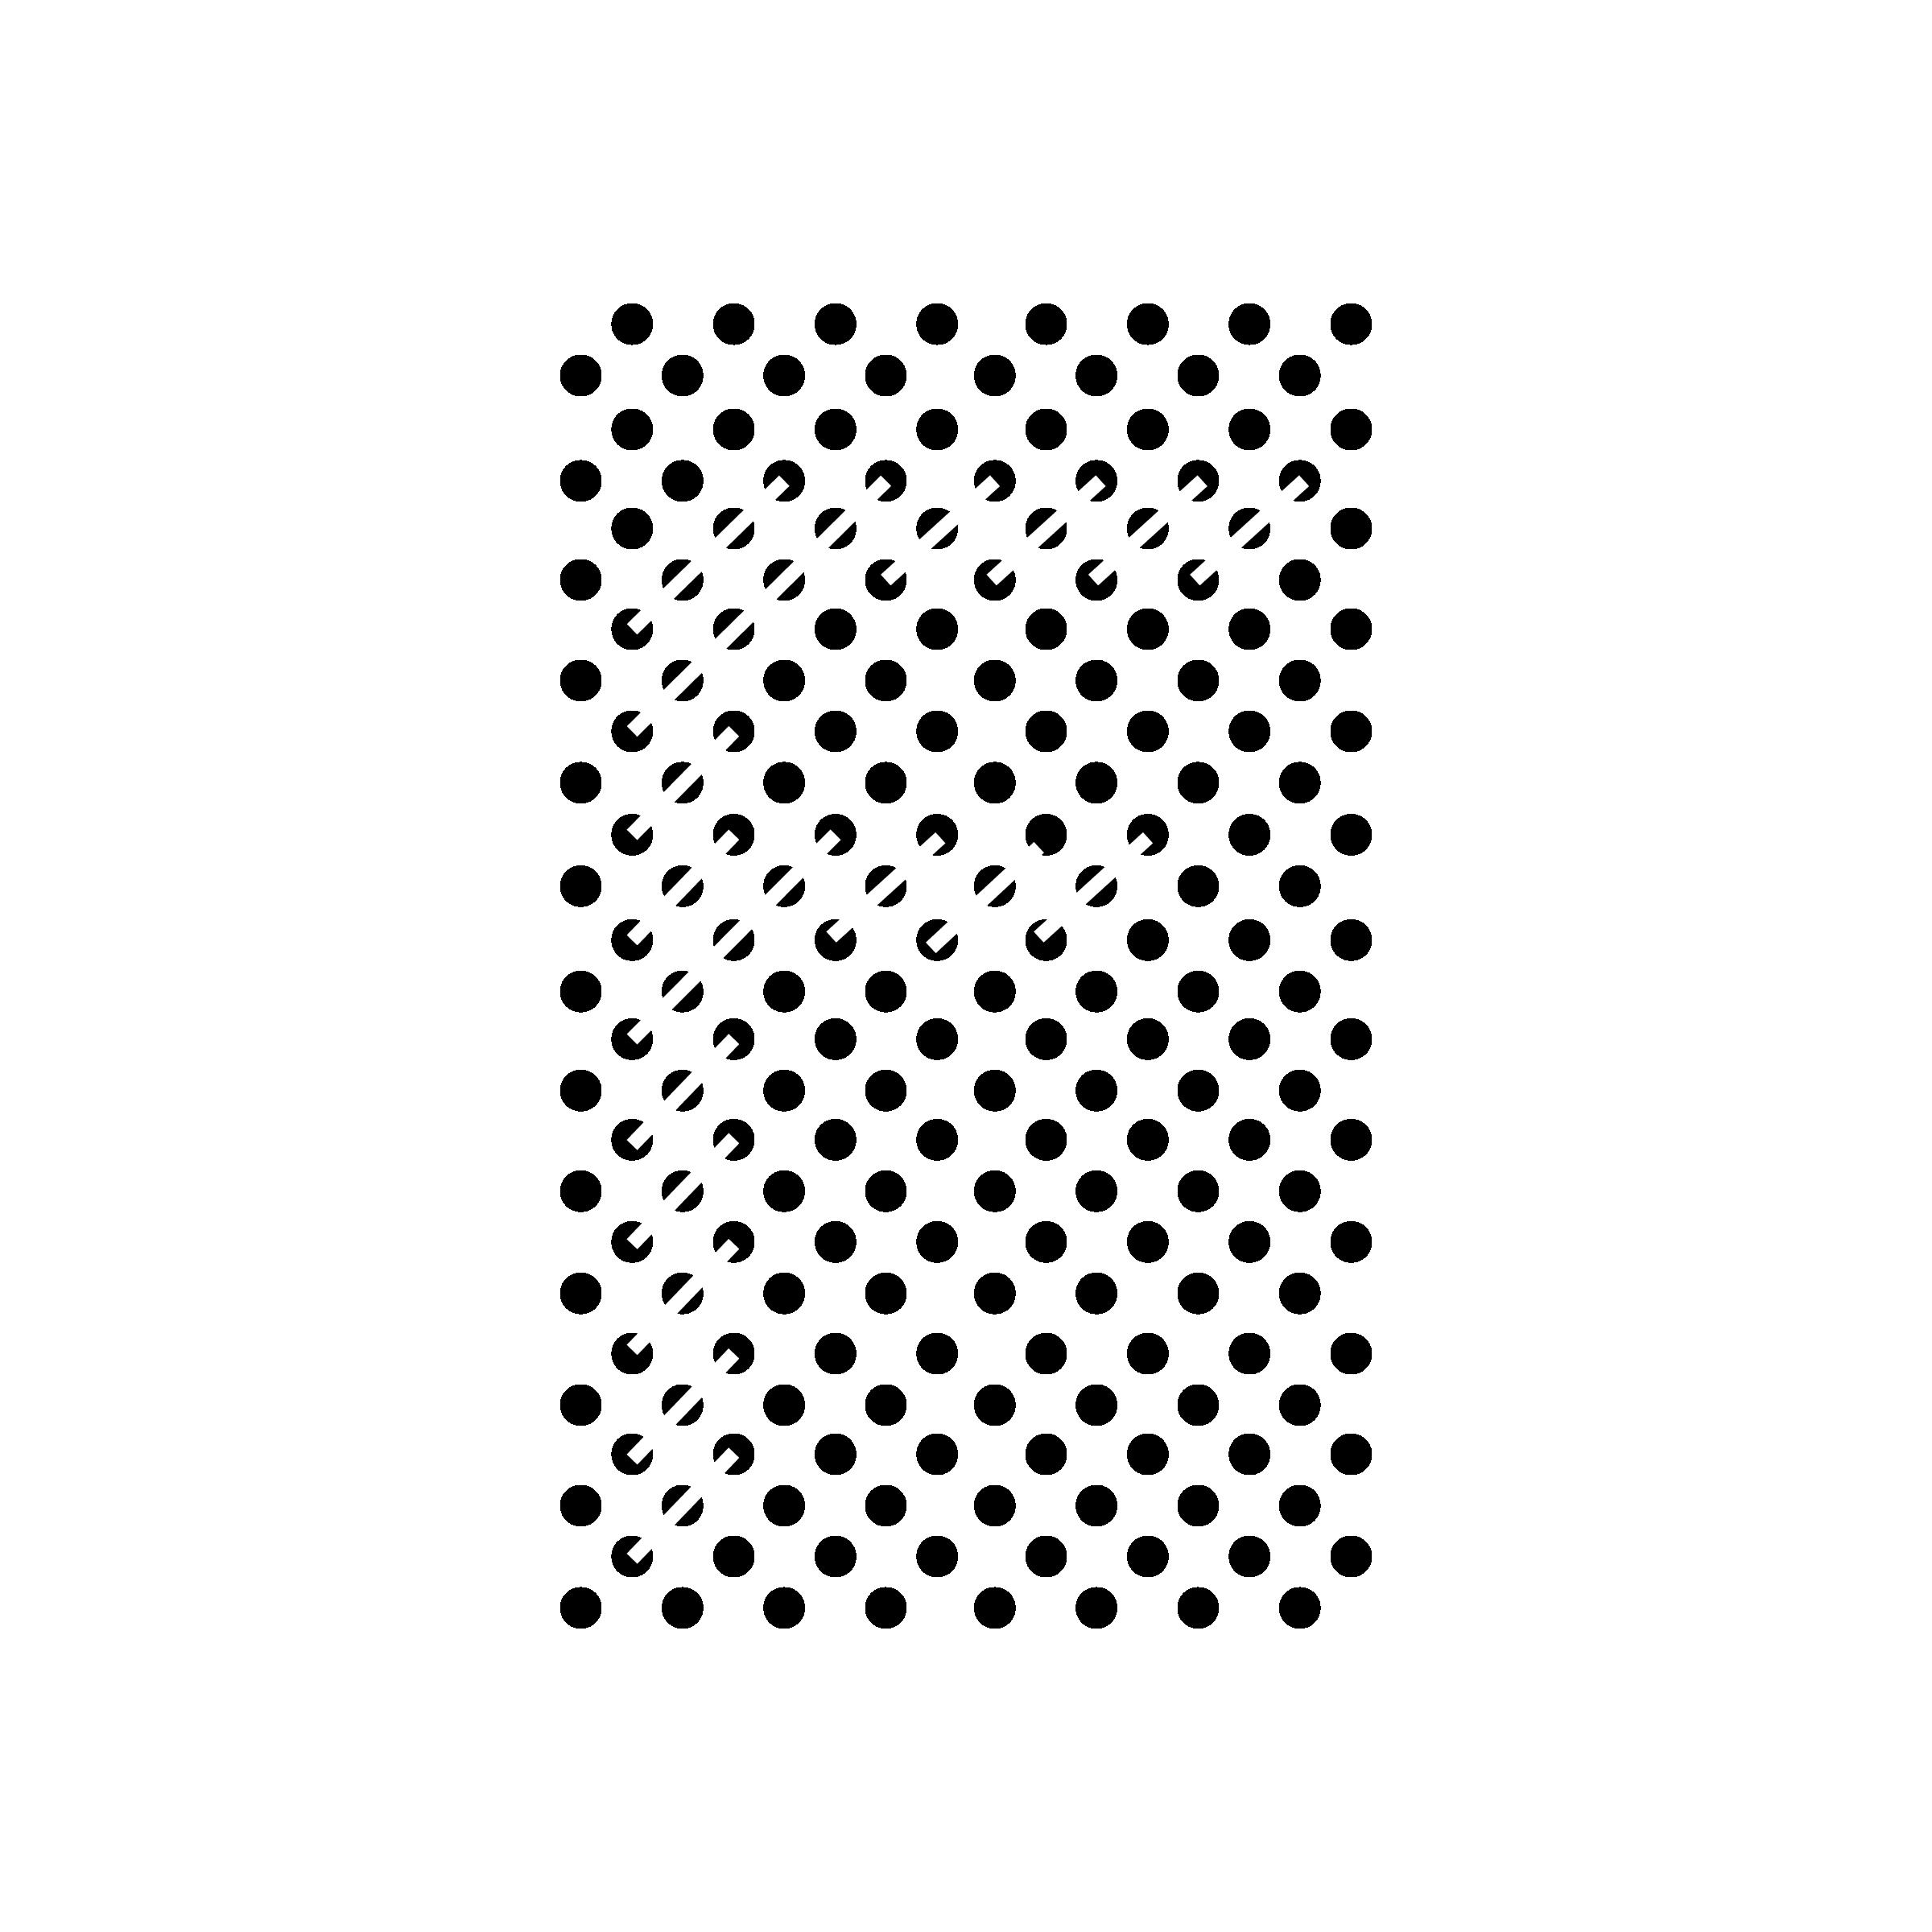 wk 12 logos-20.png